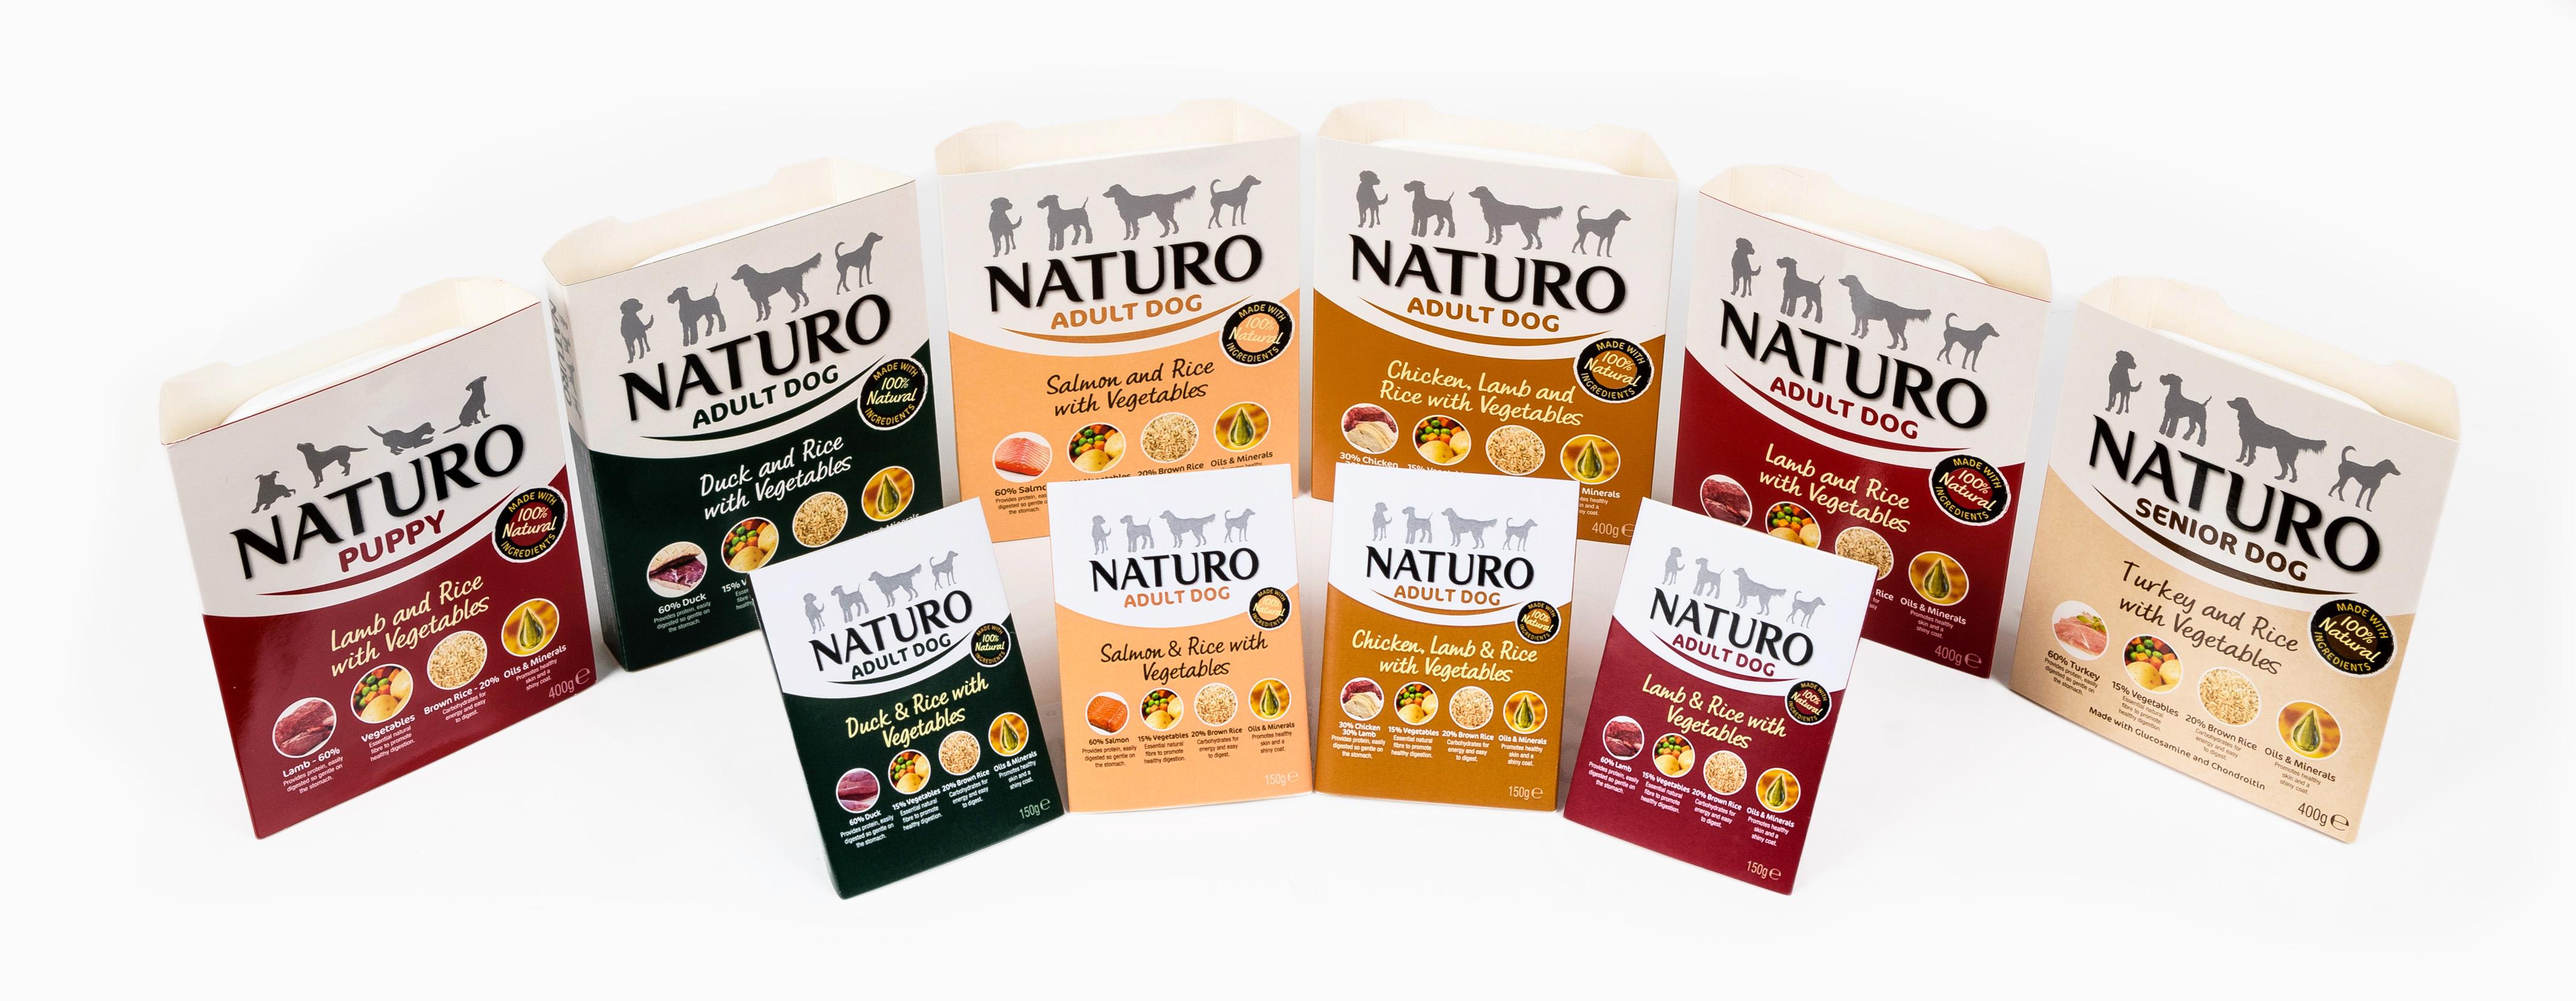 Naturo 150g & 400g Group